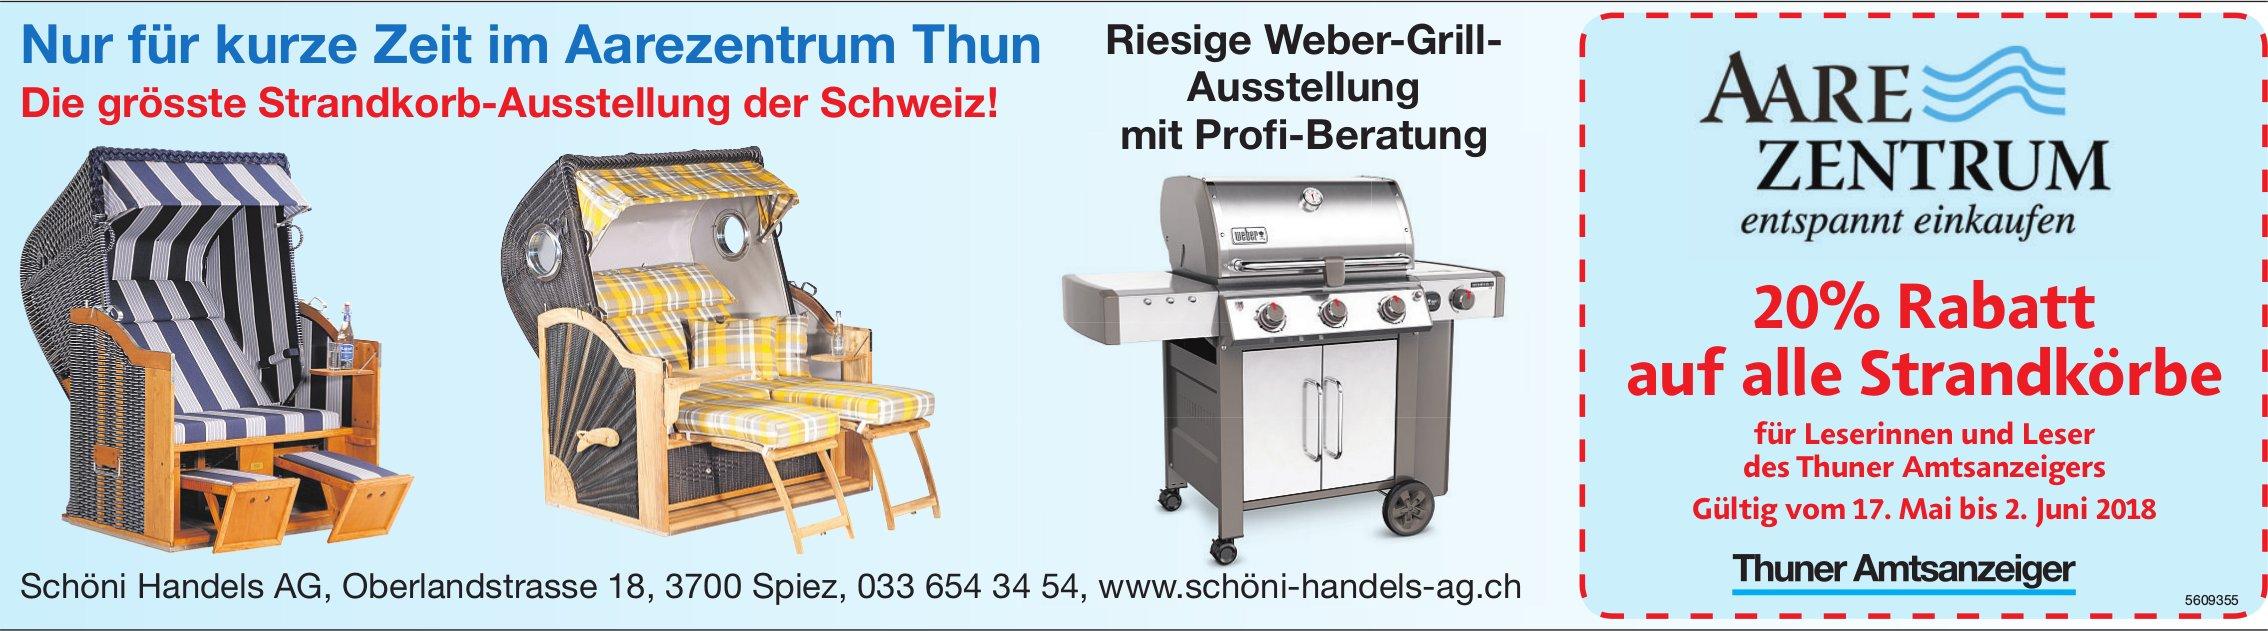 Nur für kurze Zeit im Aarezentrum Thun: Die grösste Strandkorb-Ausstellung der Schweiz!